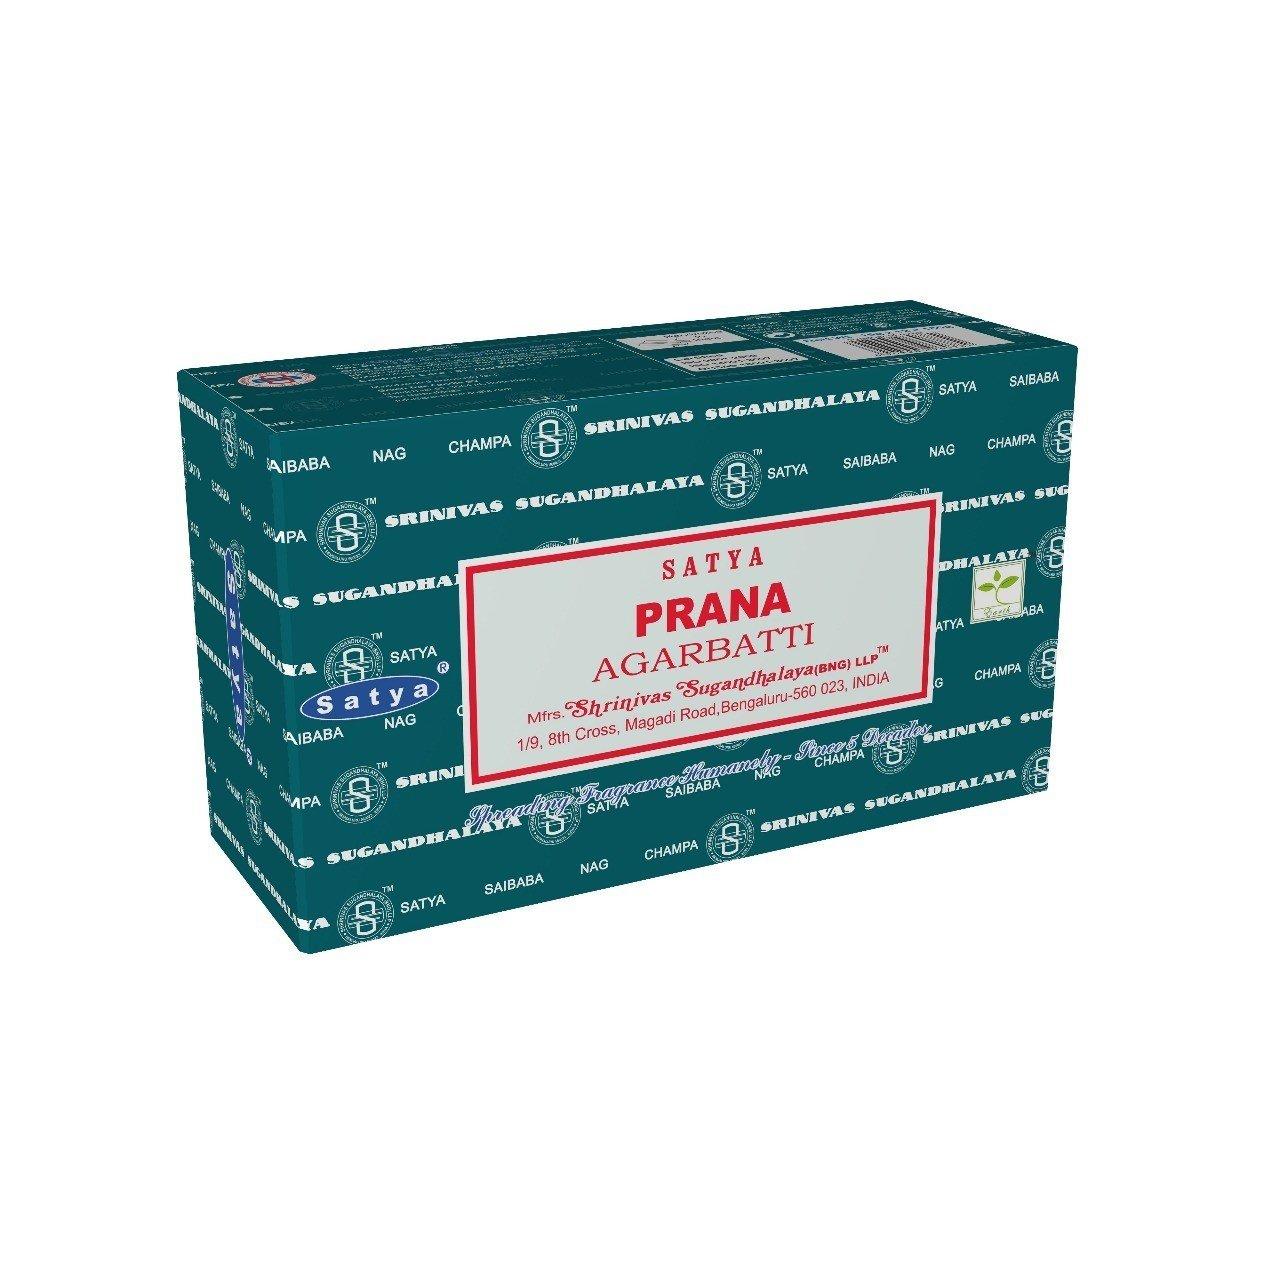 Satya Bangalore (BNG) Prana Incense Sticks 12 boxes x 15 g (180 grams total)